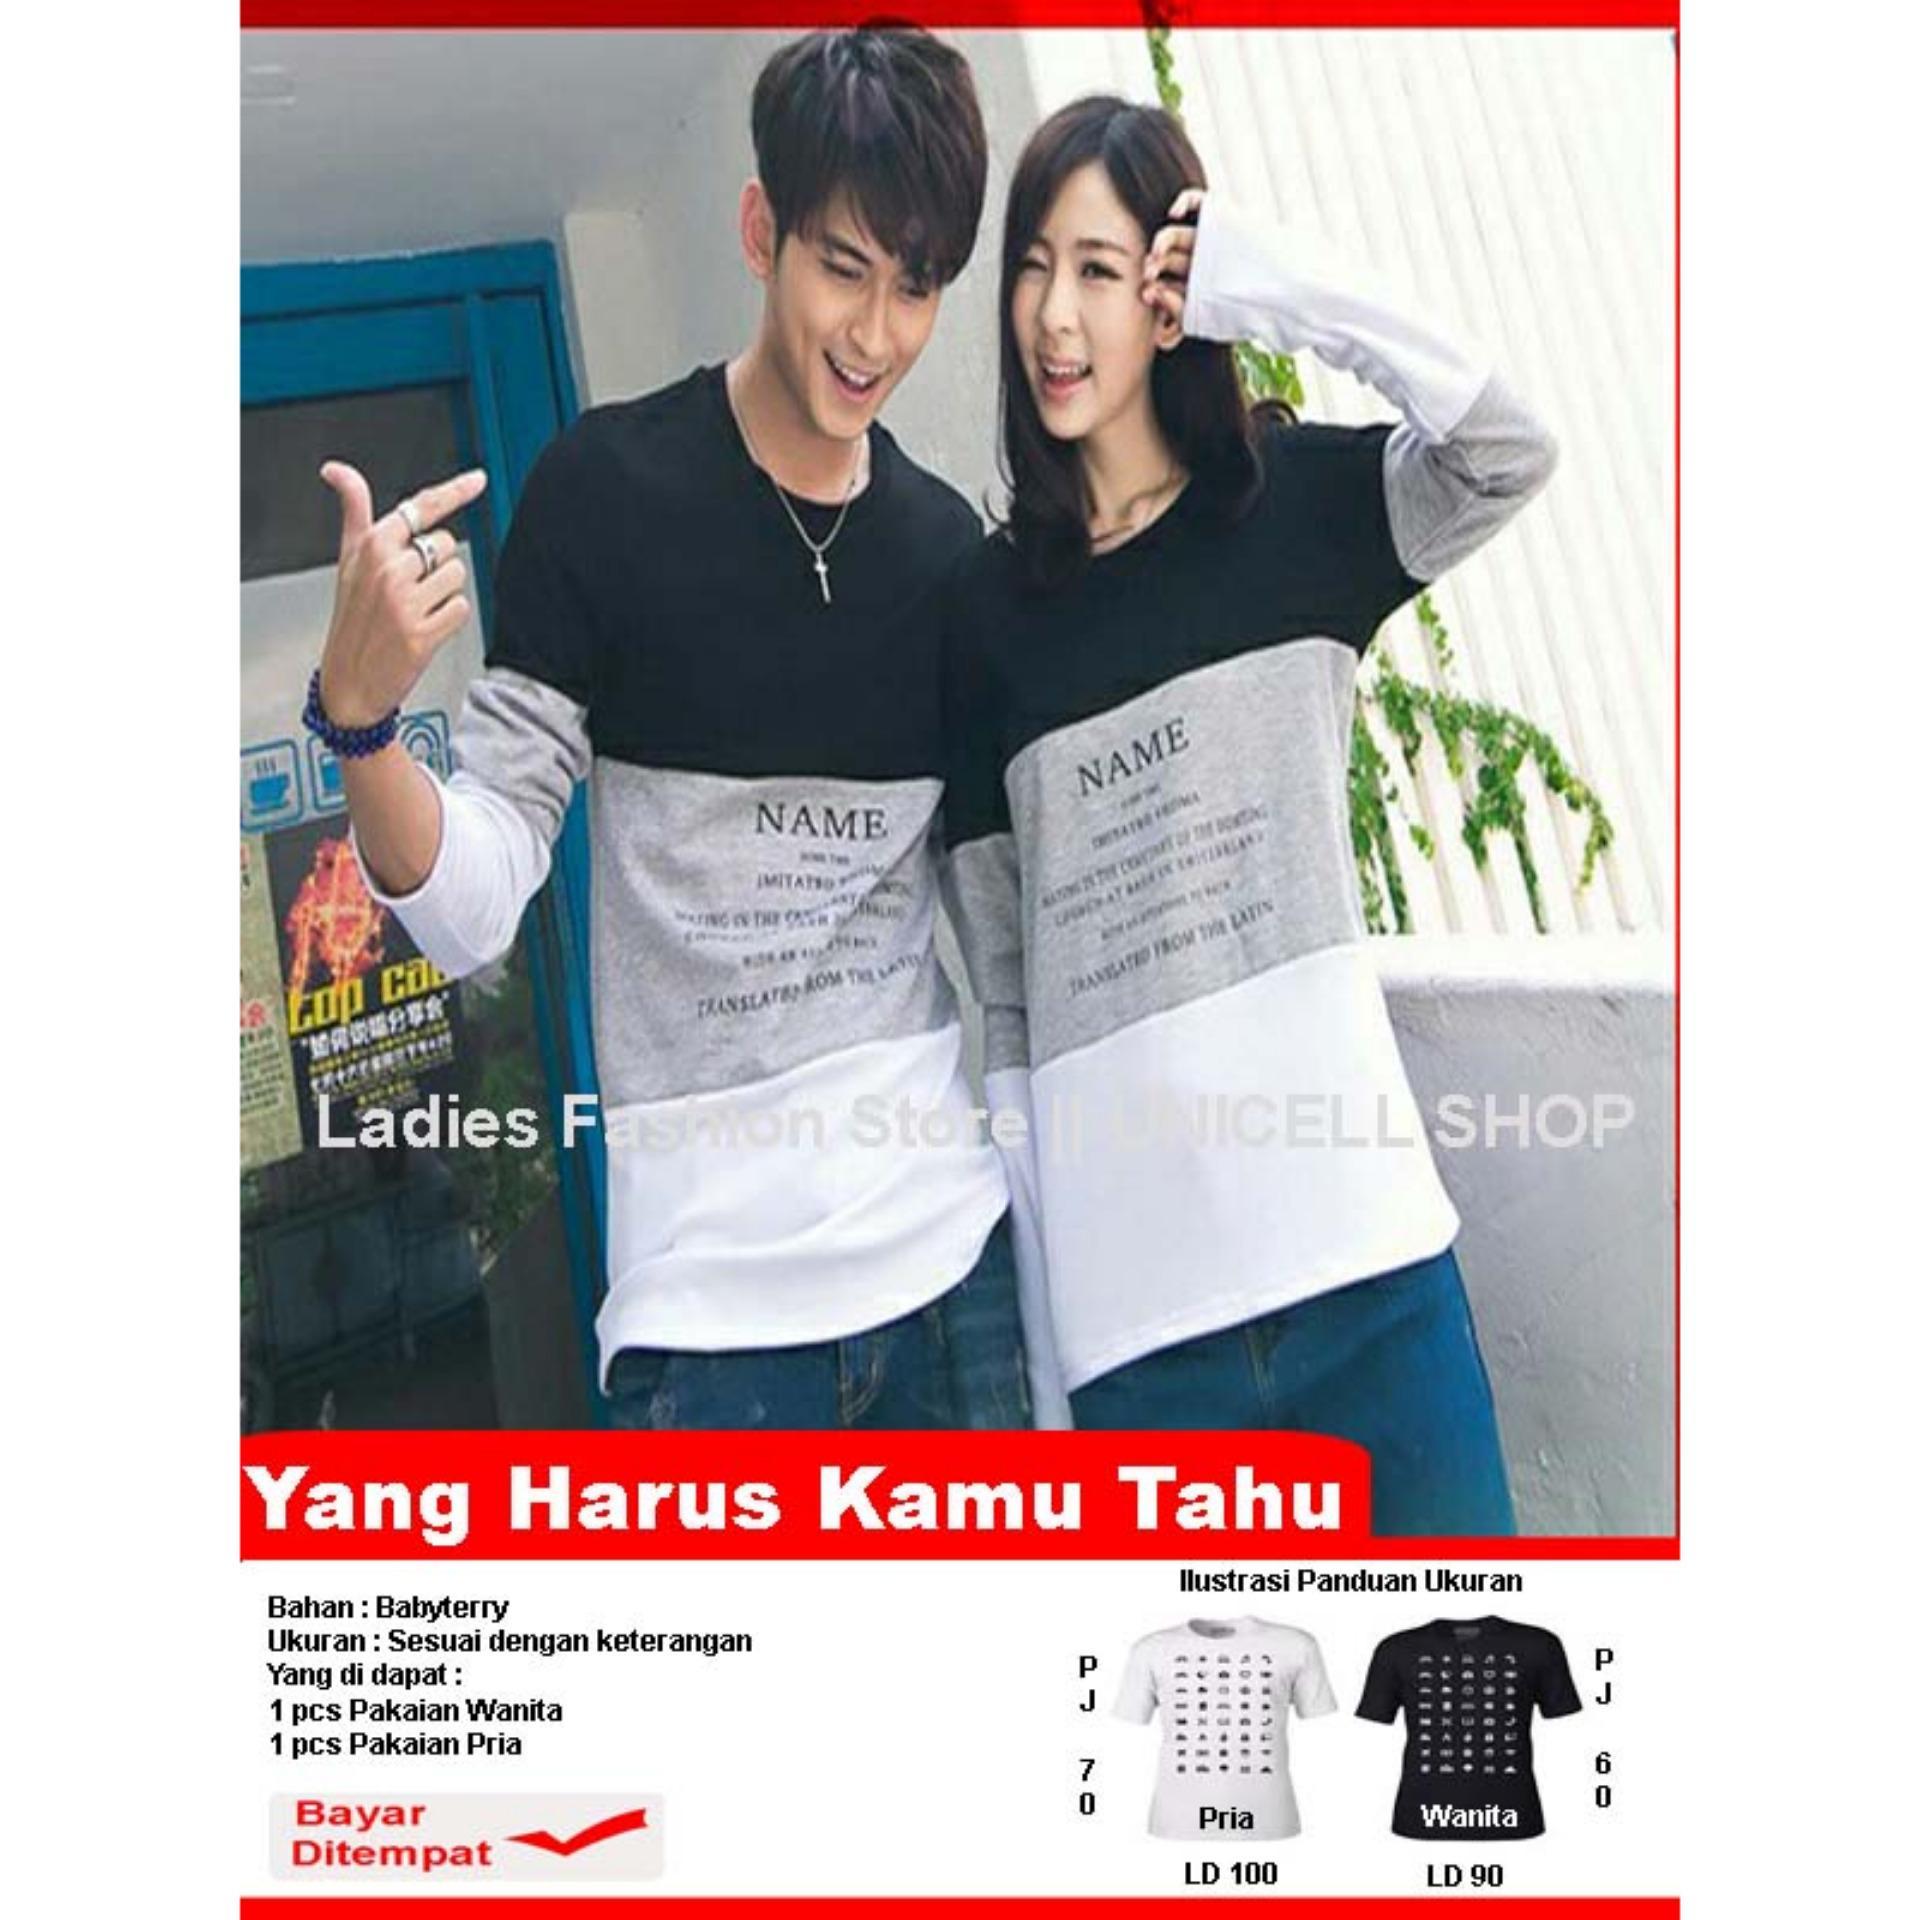 Baju Wanita Shop Kaos Couple lengan Panjang  Name / Kaos Oblong  / Sweater Pasangan / T-shirt Pasangan / Pakaian Kembar / Kaos Pria Wanita LC - Abu Hitam - A0124